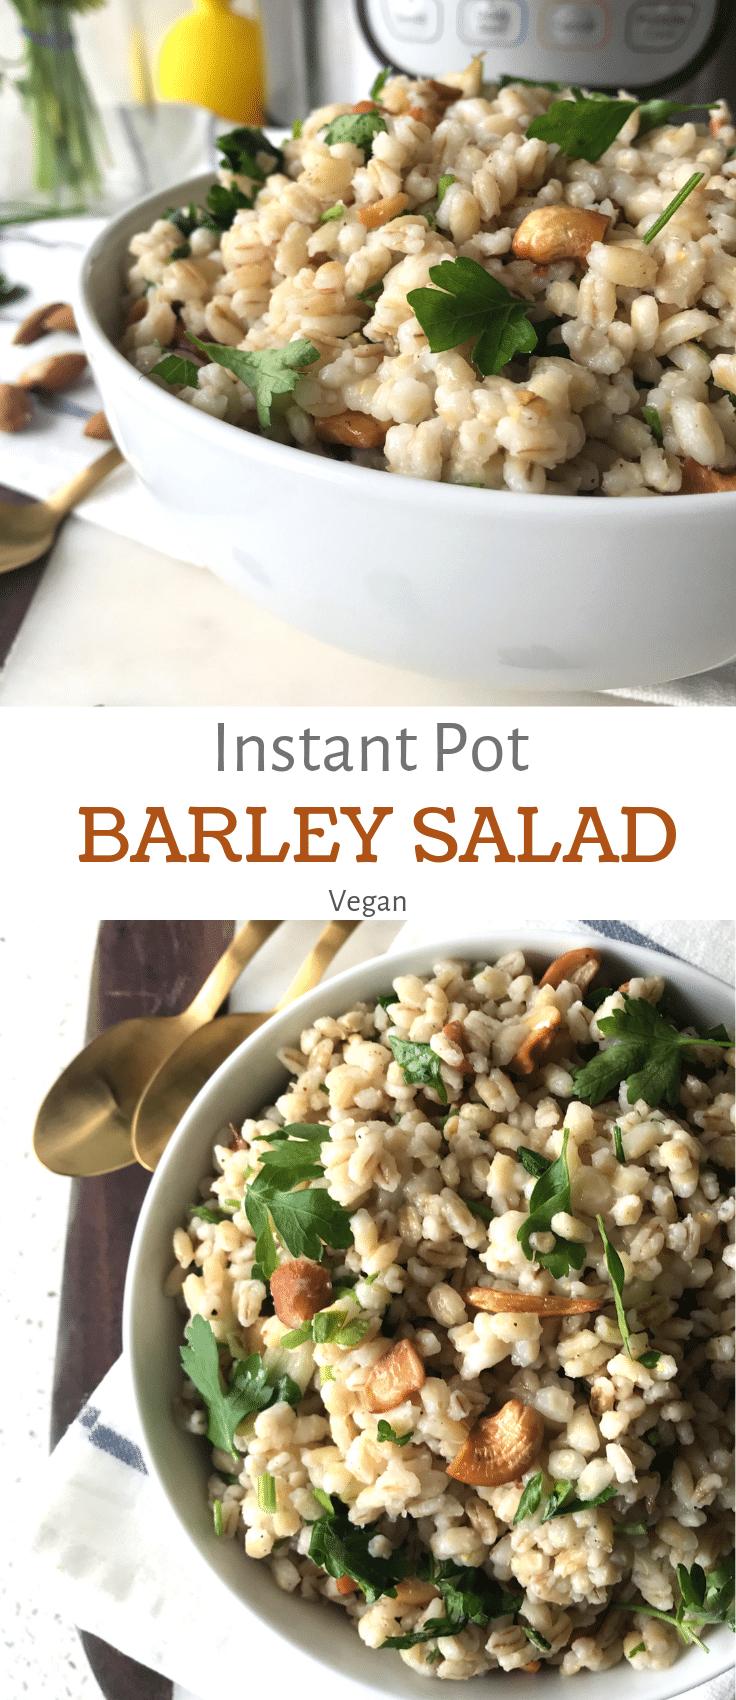 Instant Pot Barley Salad